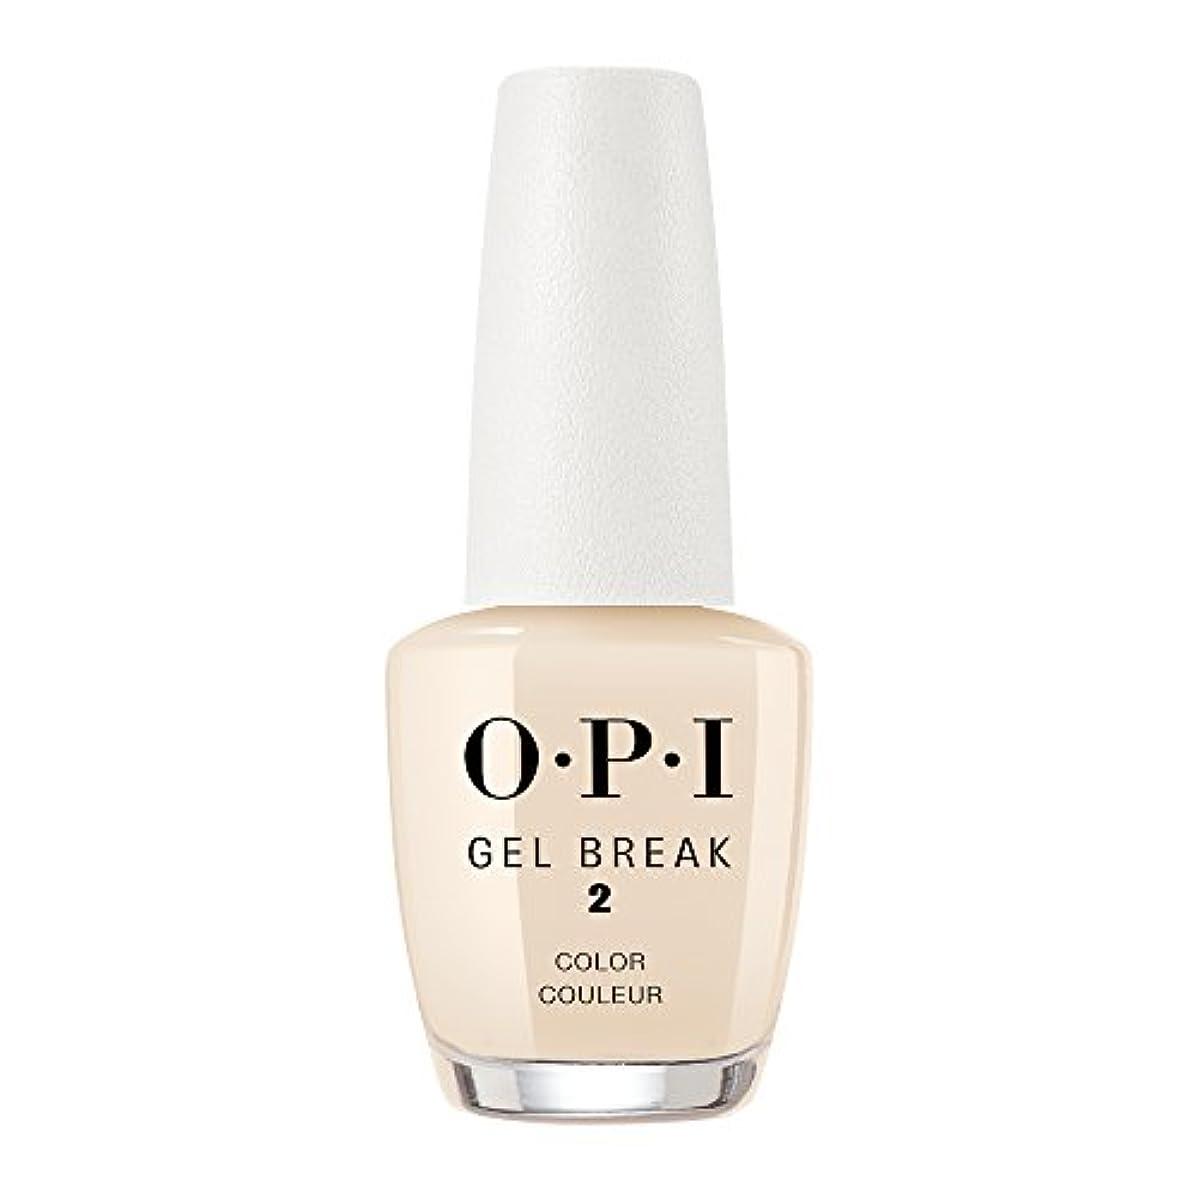 より臭いその後OPI(オーピーアイ) ジェルブレイク NTR05 ベアリー ベージュ